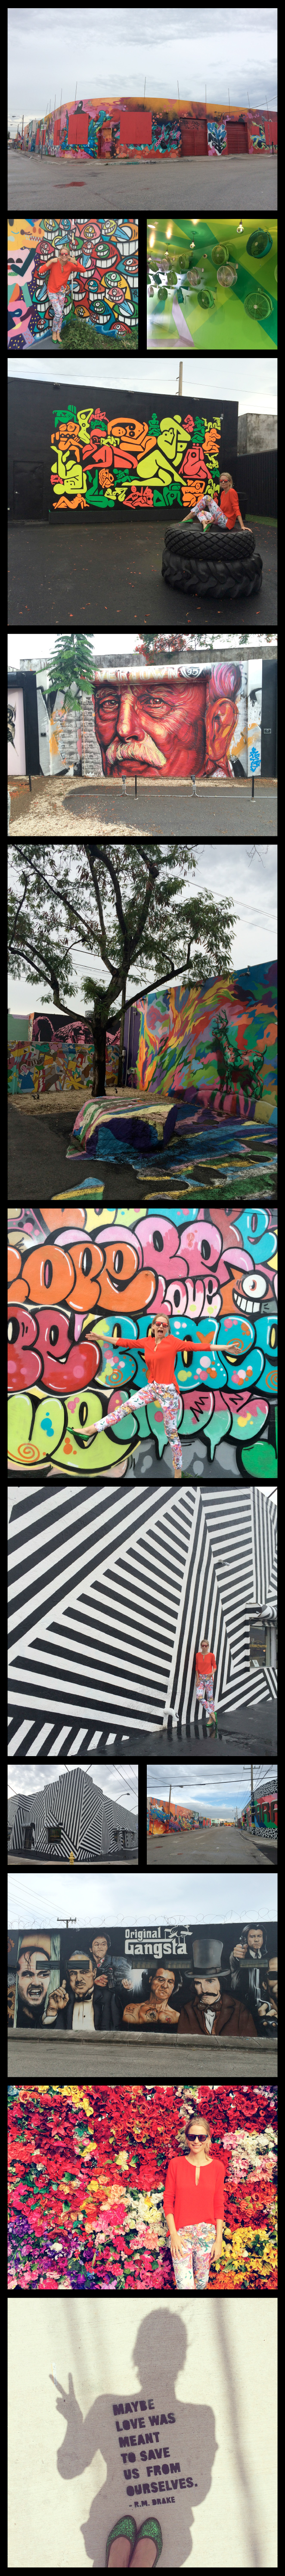 El barrio de Wynwood donde se pueden admirar paredes con espectaculares graffitis.